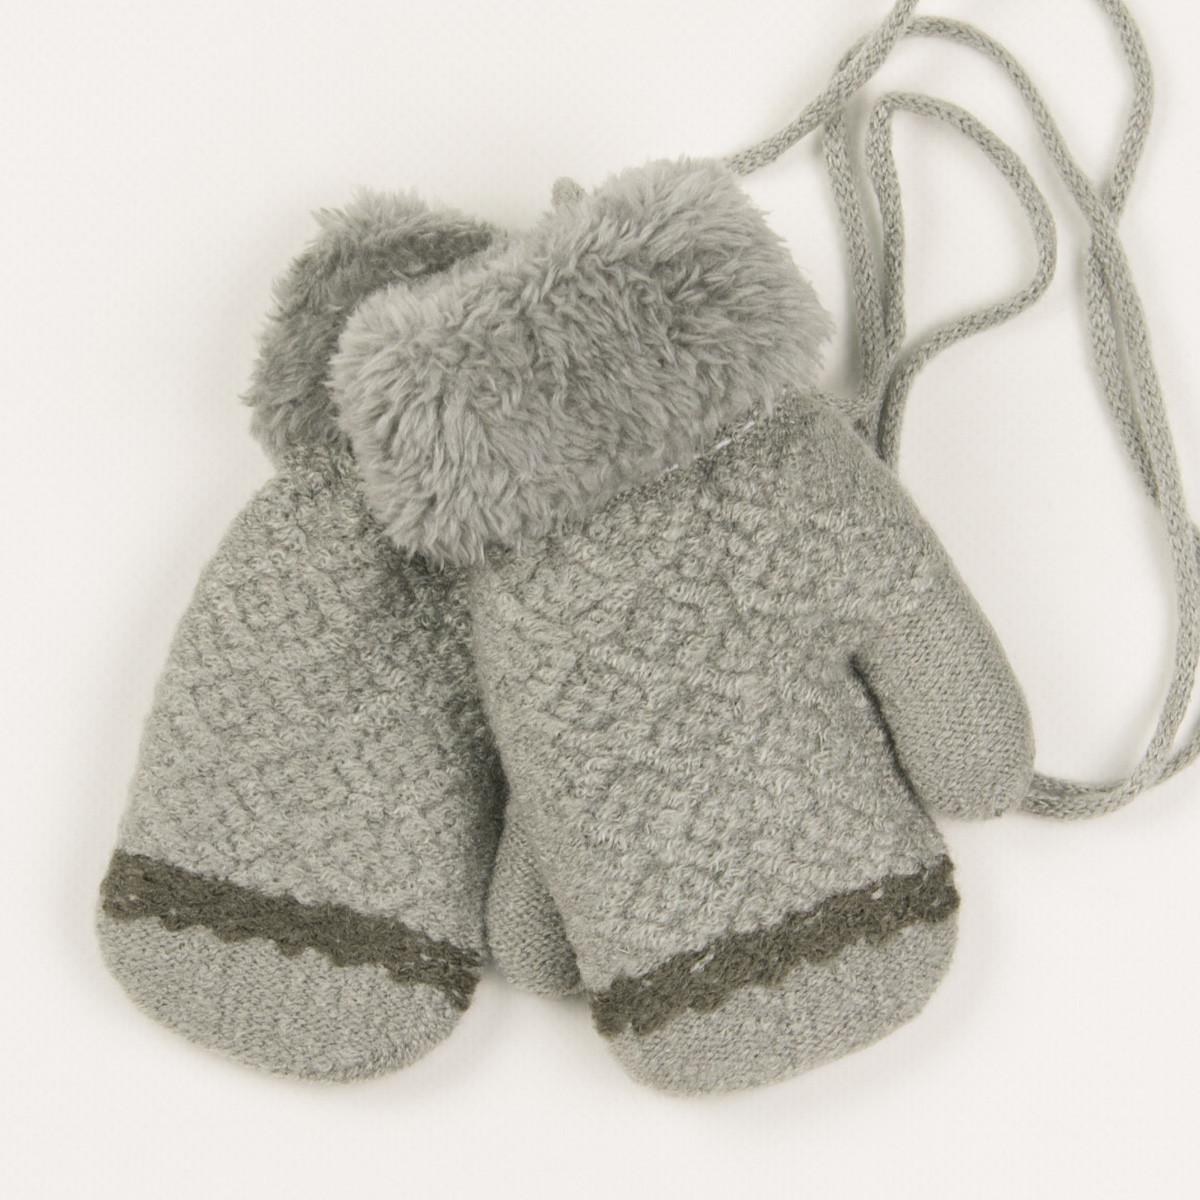 Детские варежки с меховой подкладкой для мальчиков на 2-3 года - 19-7-65 - Серый